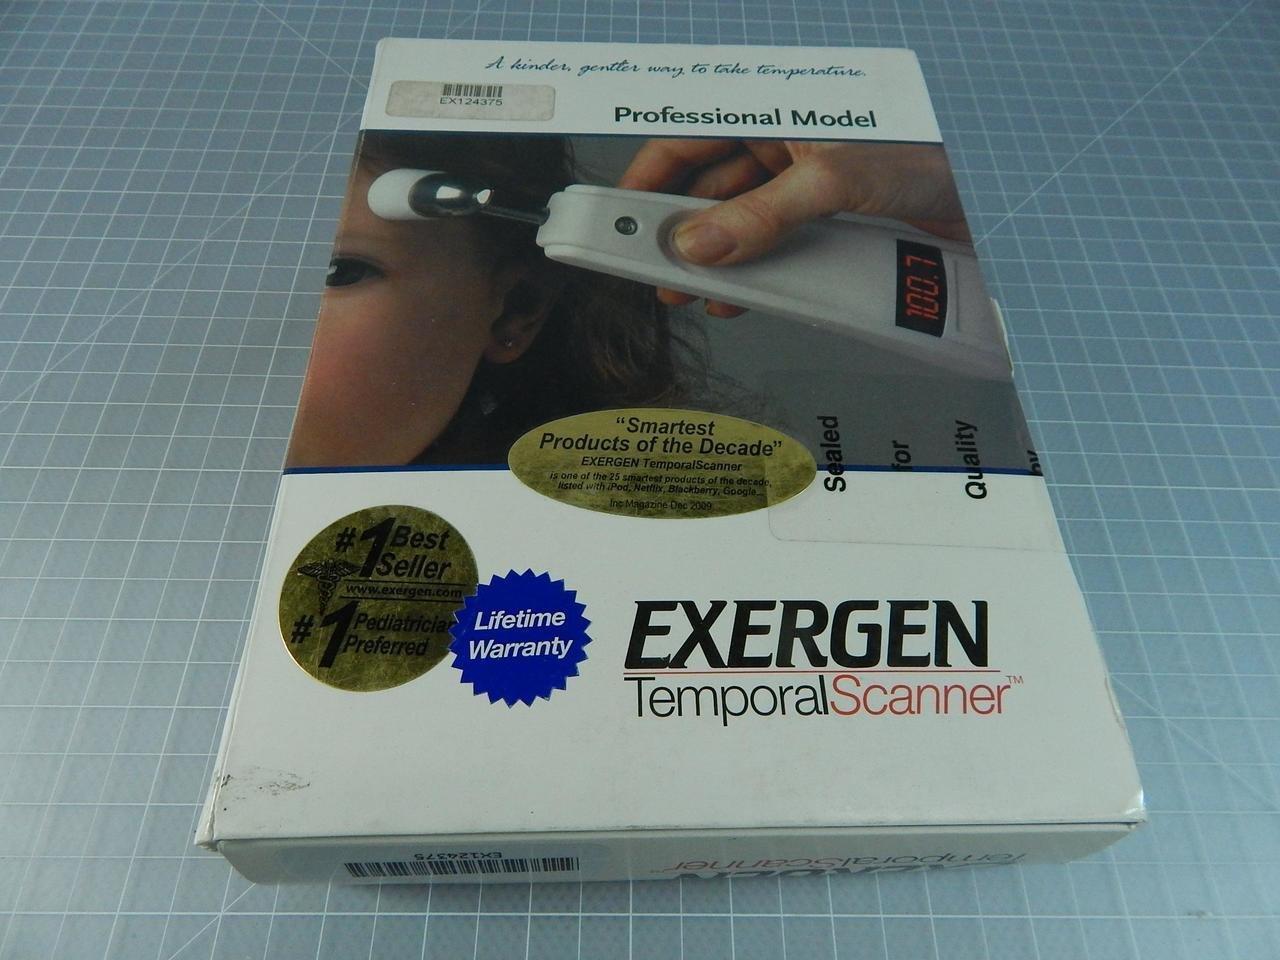 PT# TAT5000 TemporalScanner Temporal Artery Thermometer Temporal Artery Thermometer TAT5000 by Exergen Corp